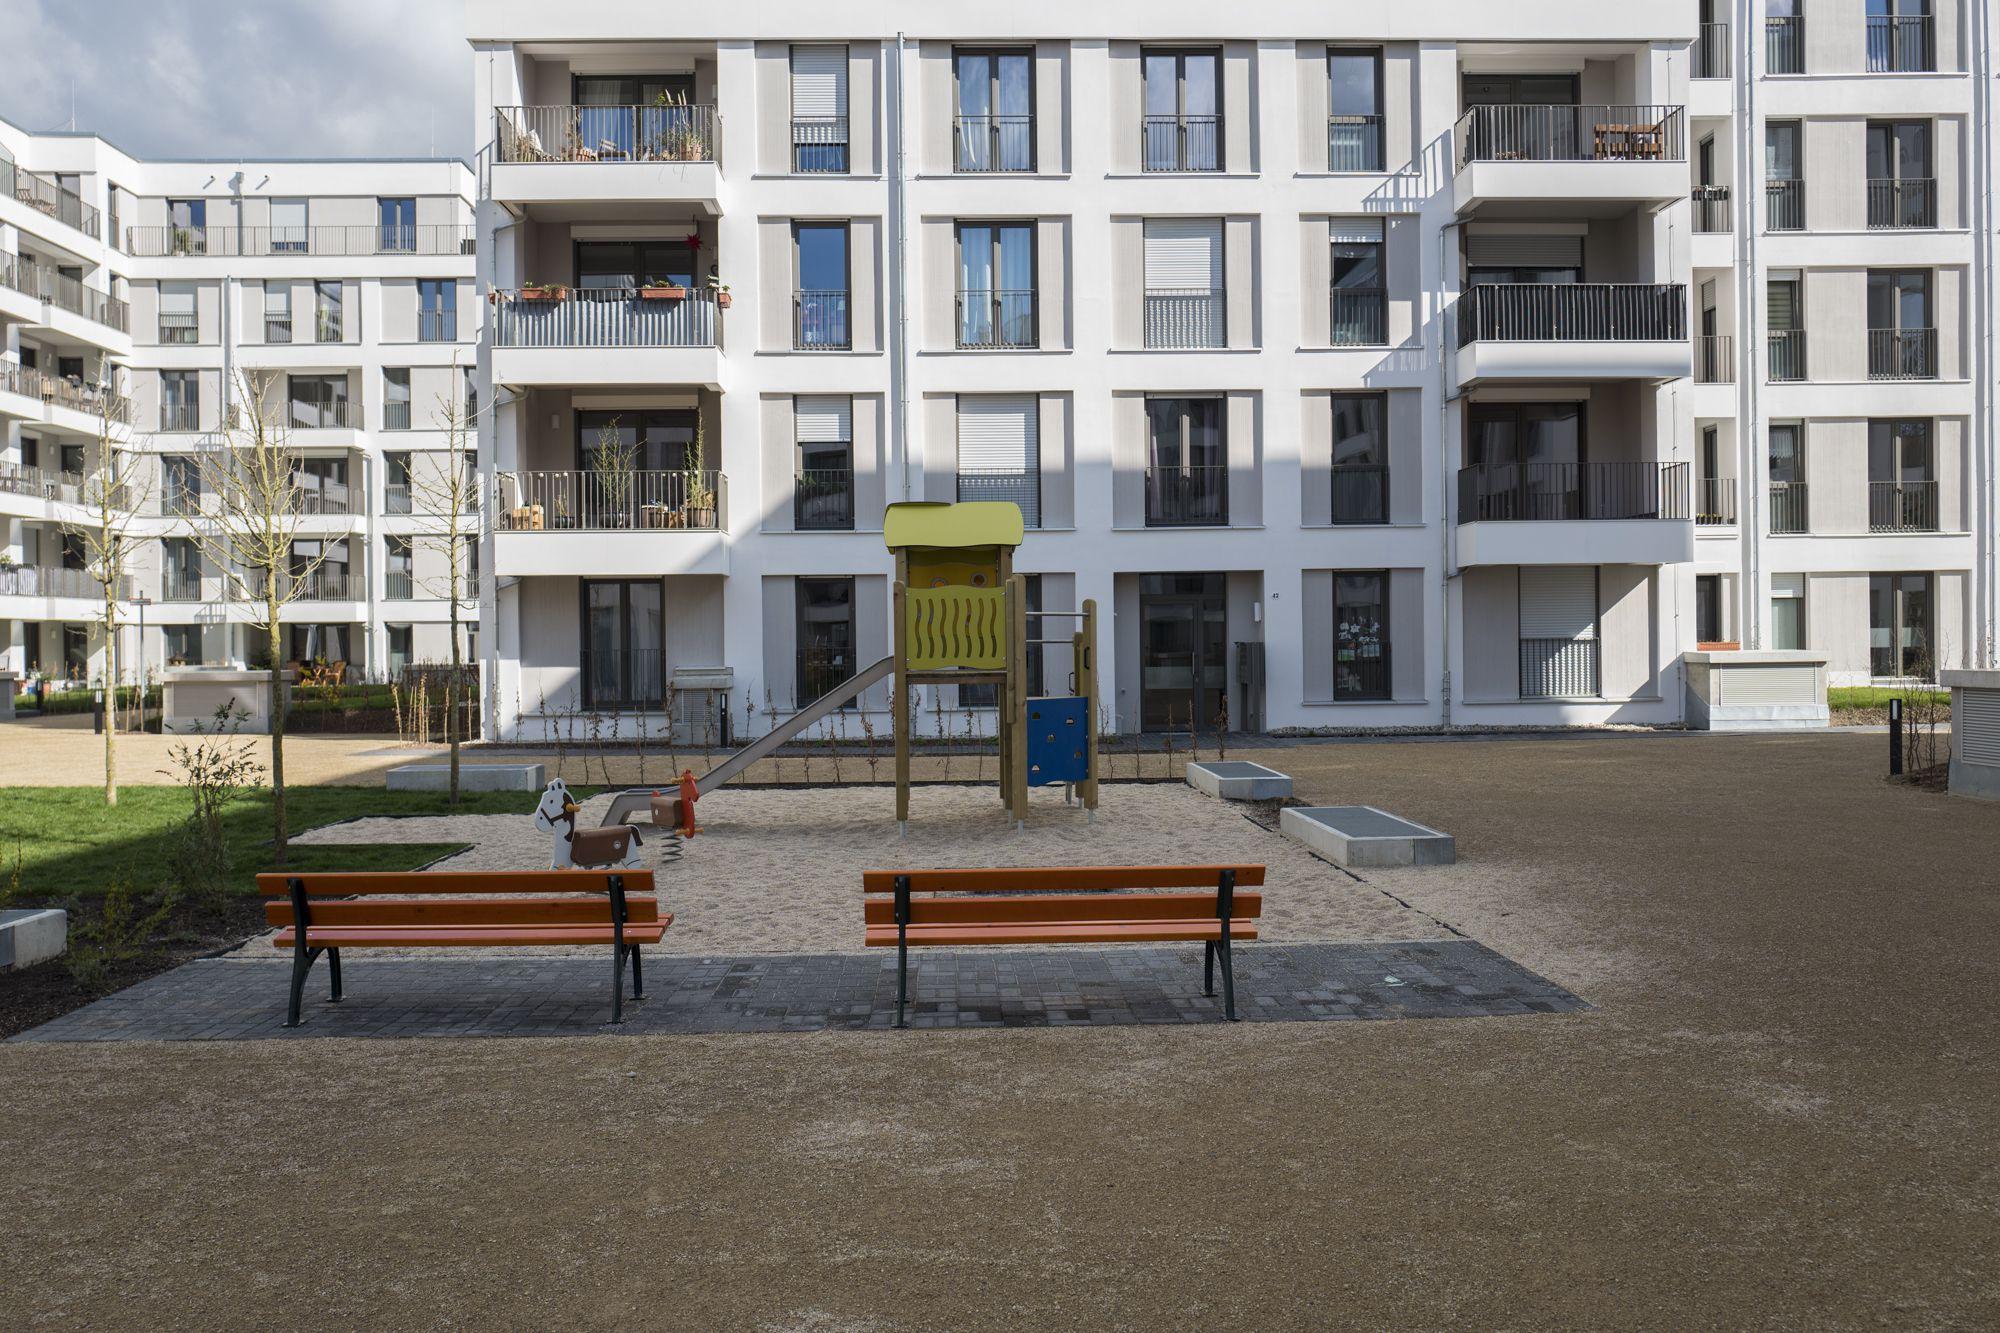 Spielplätze - Harald Kannwischer 05